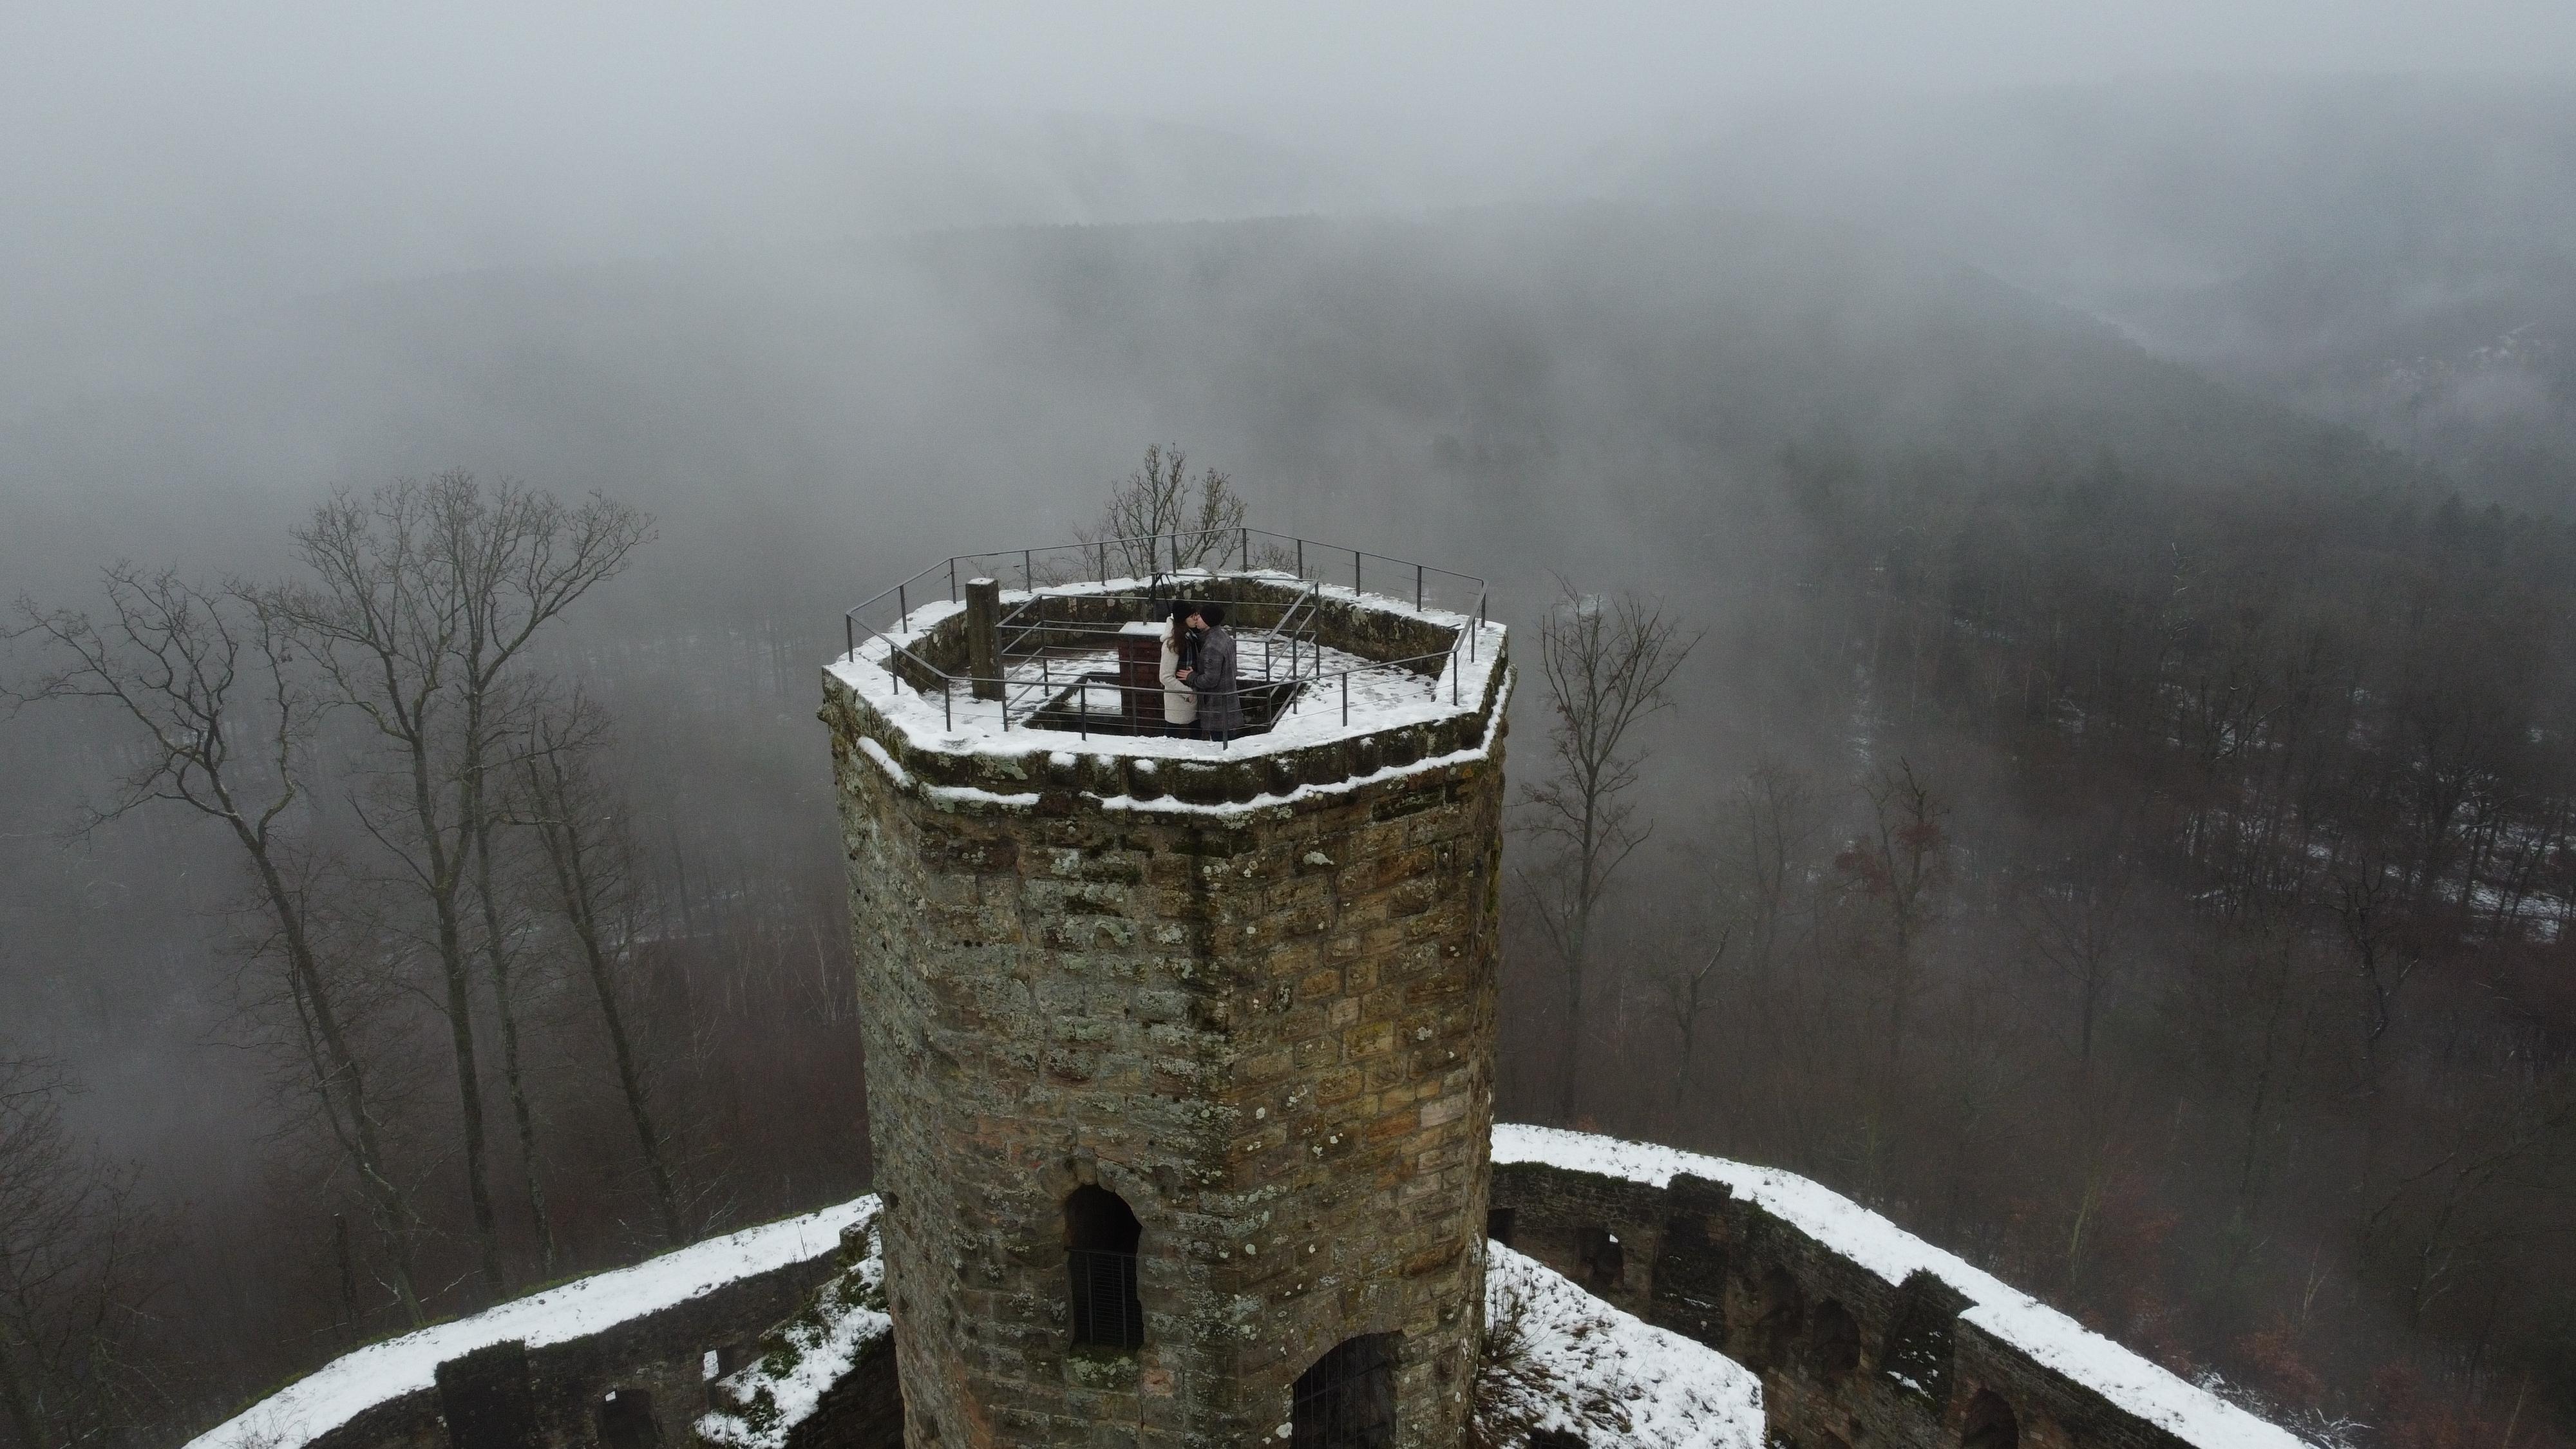 Bergfried der Burg